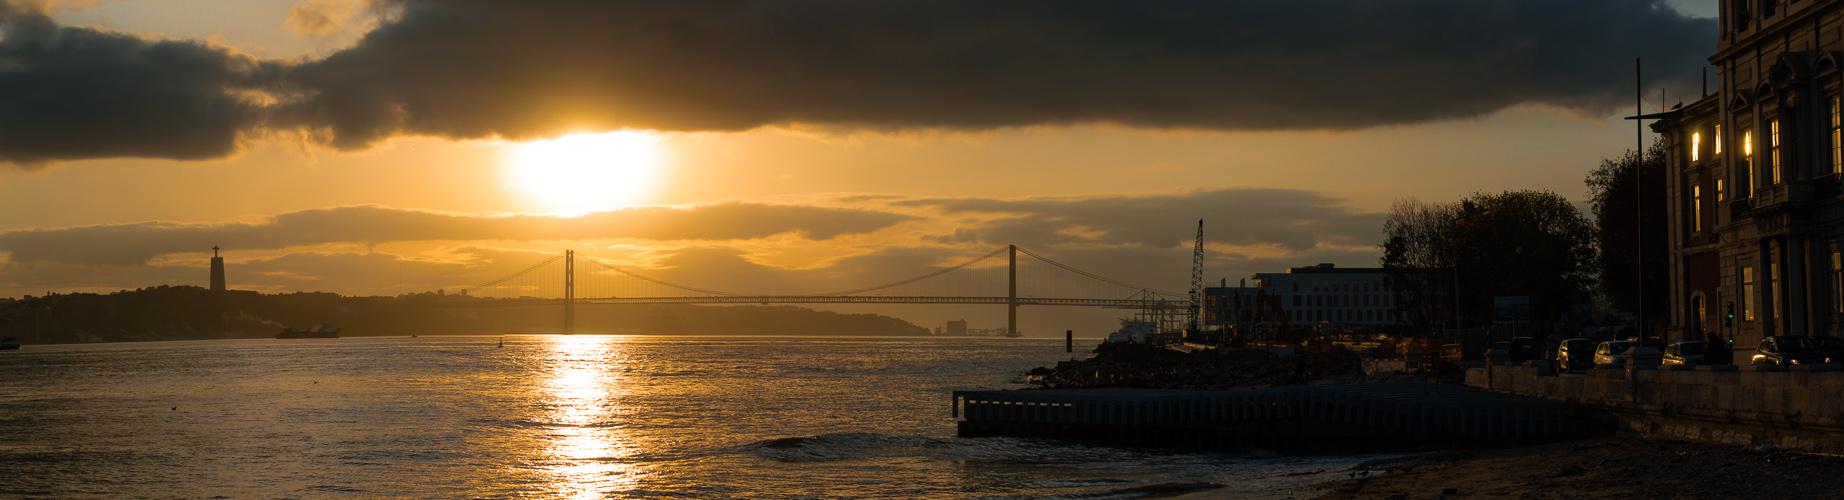 Sunset Lissabon